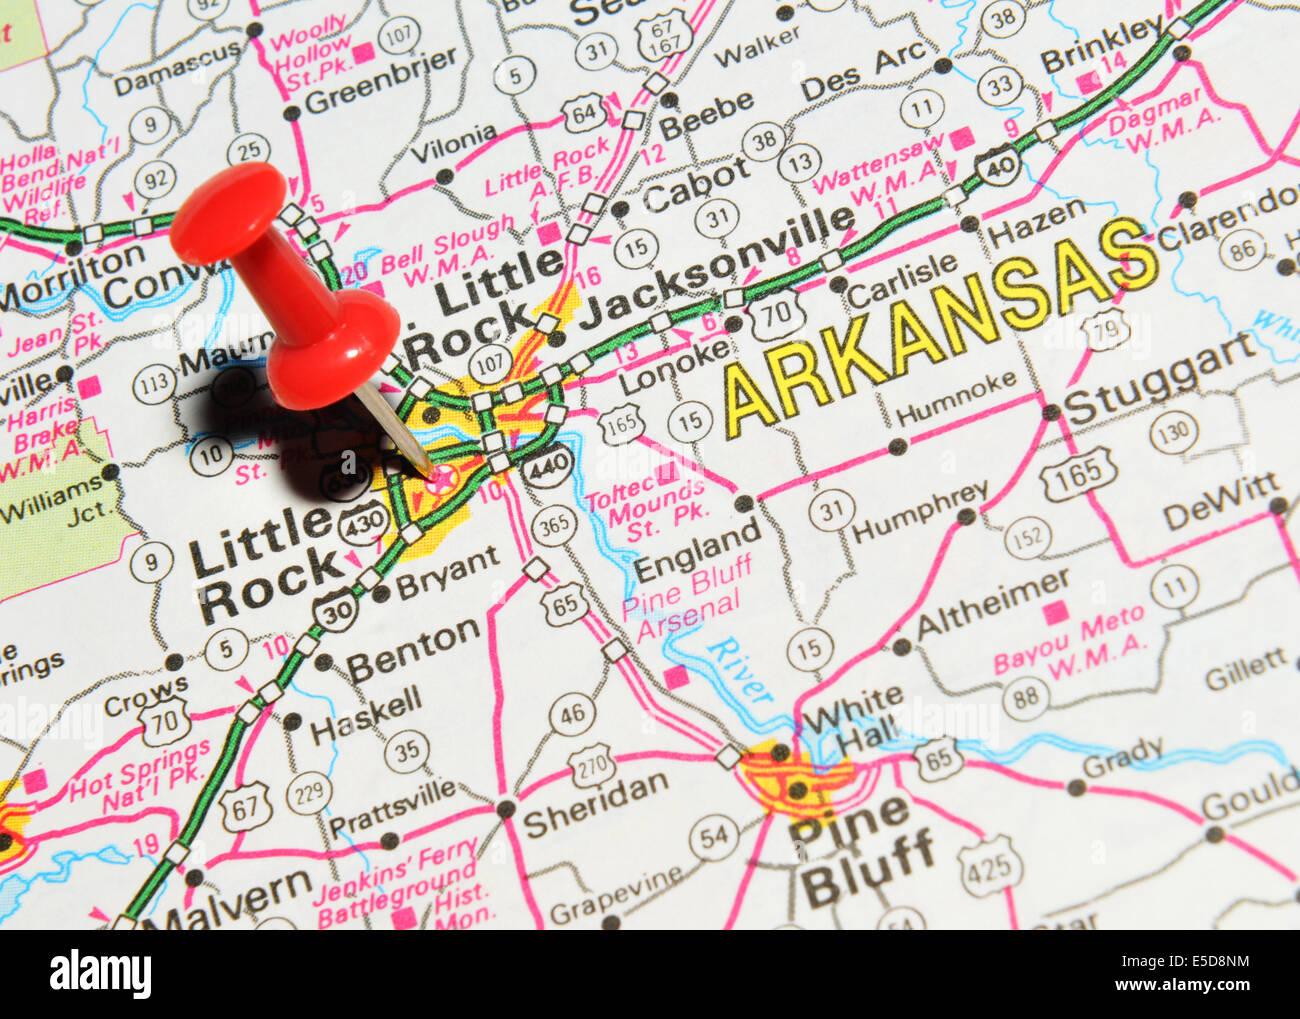 Arkansas Little Rock On US Map Stock Photo Royalty Free Image - Little rock arkansas on us map